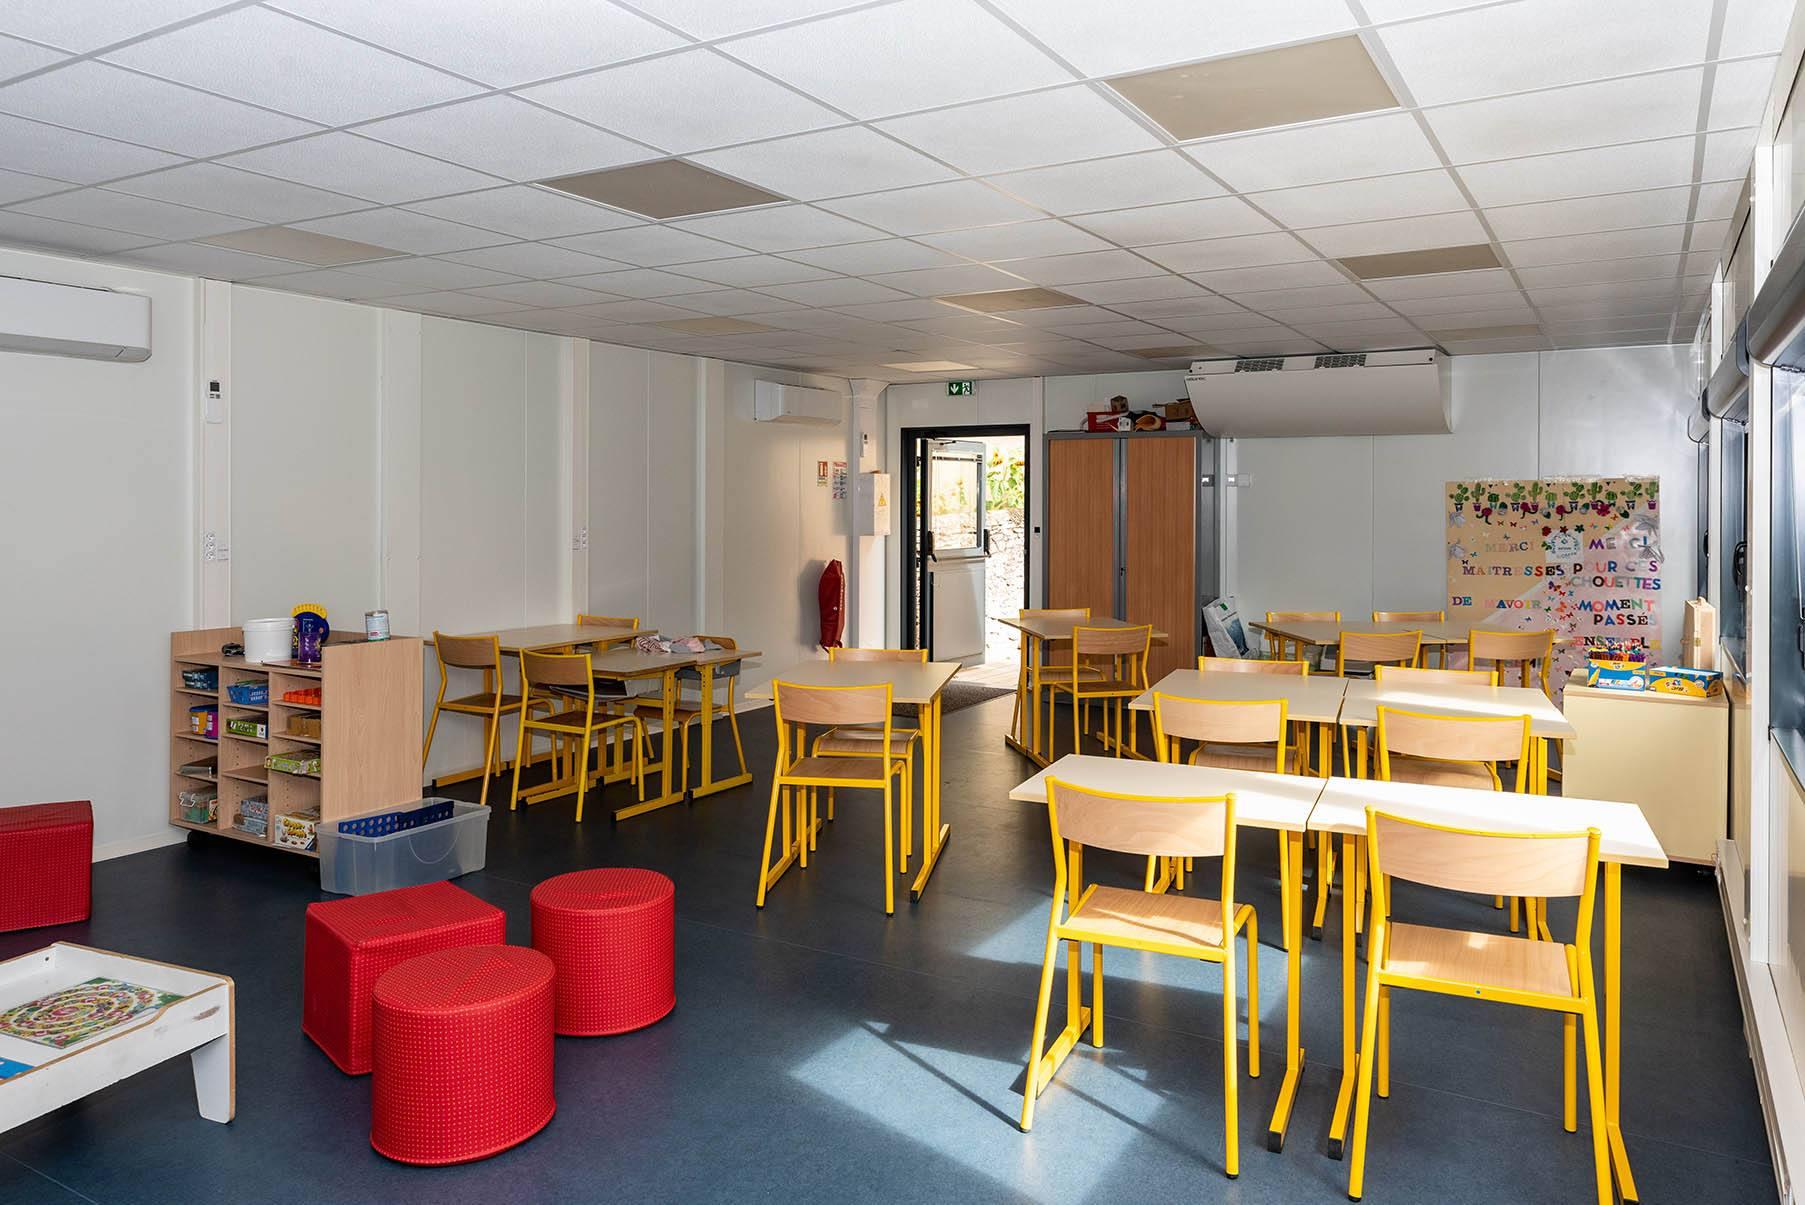 Bâtiment.modulaire salle de classe